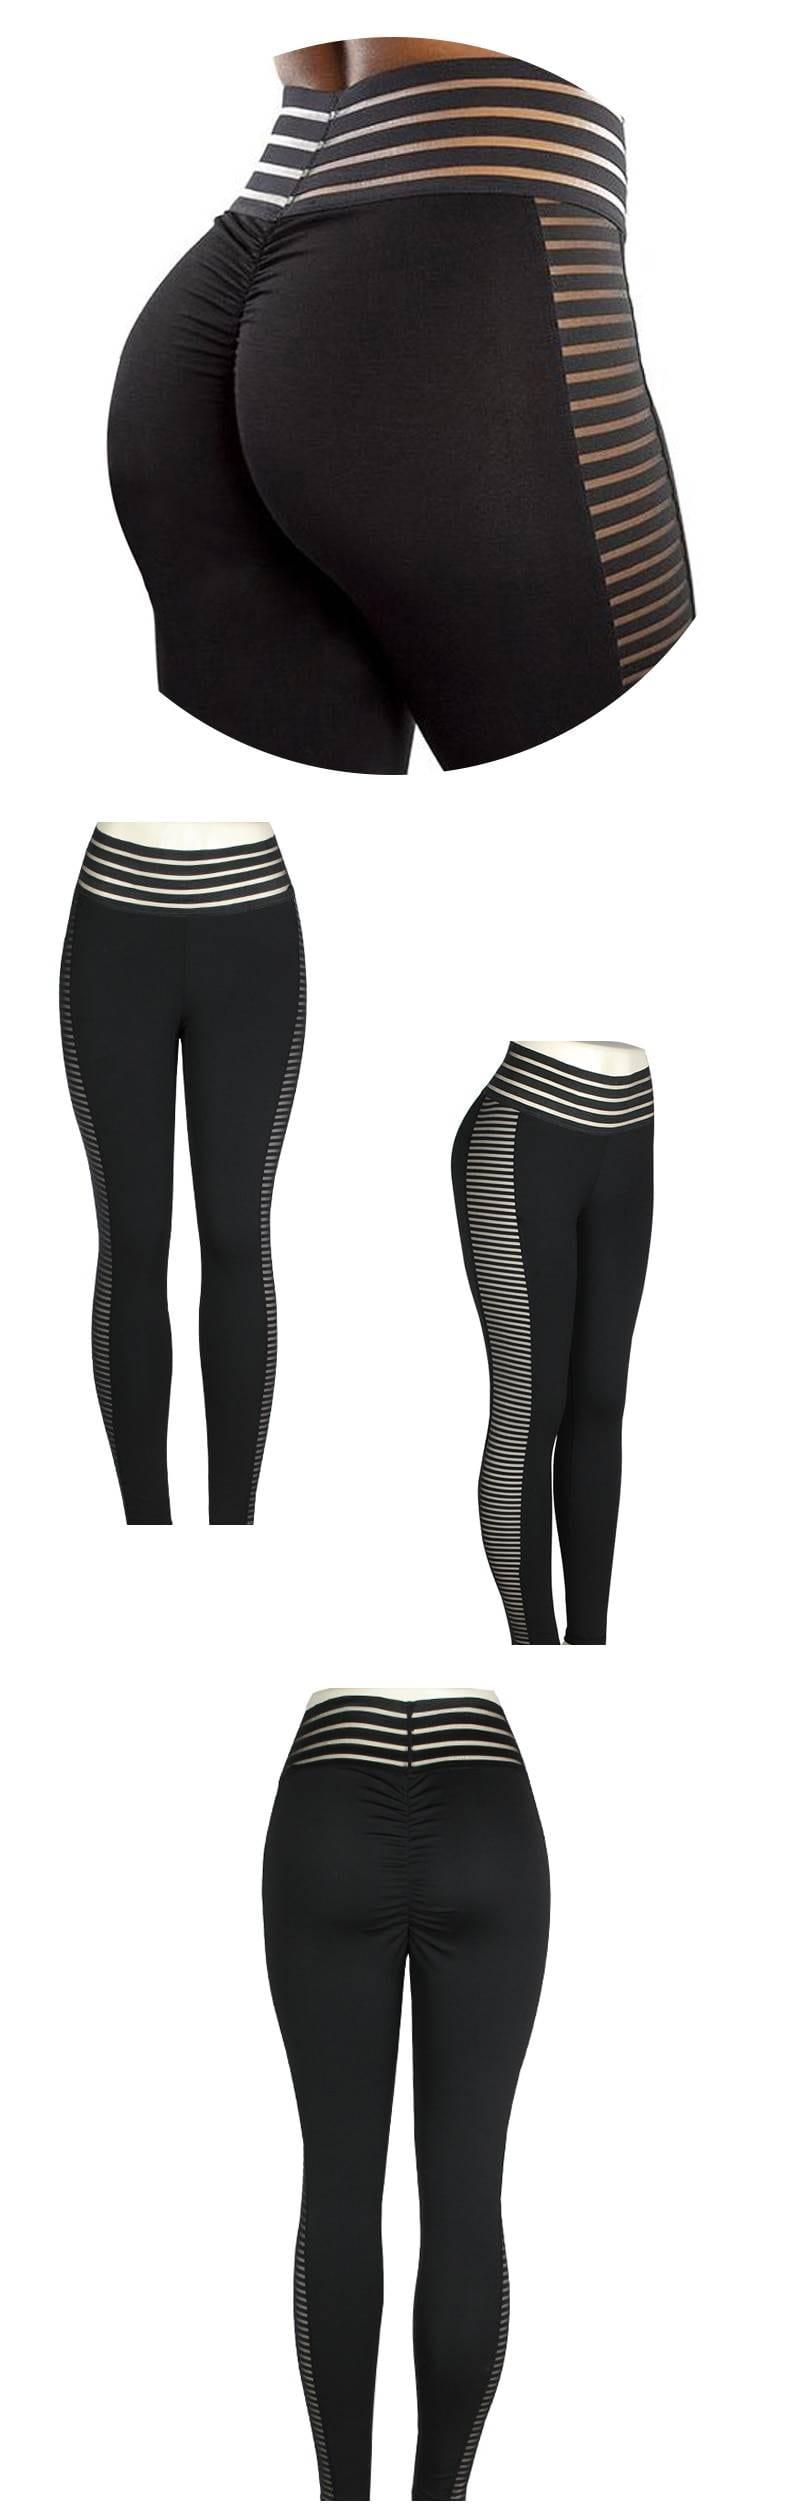 Black push up high waist fitness leggings